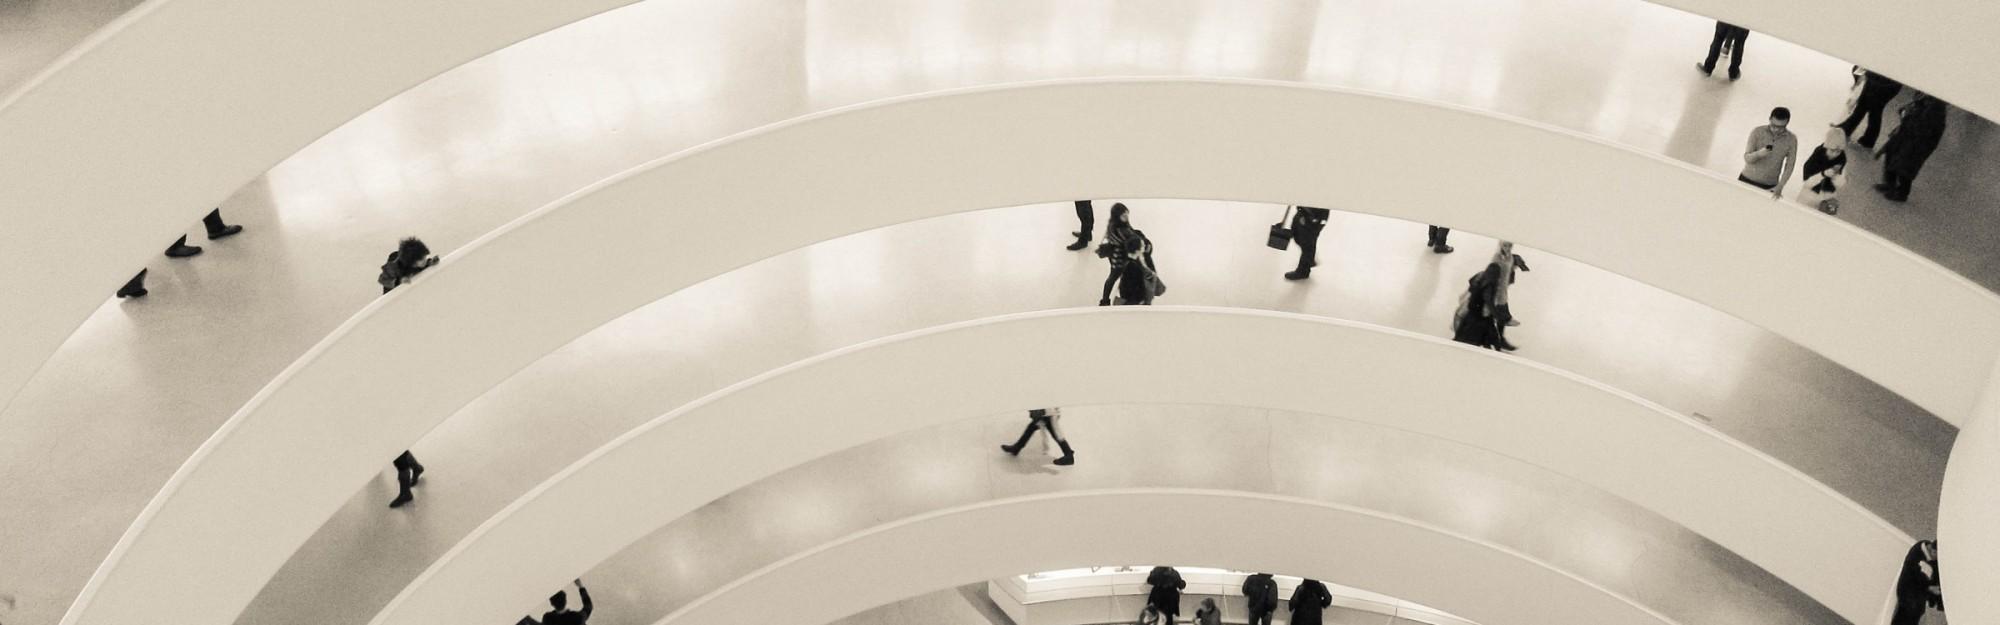 Wie komme ich kostenlos in viele Museen in New York?